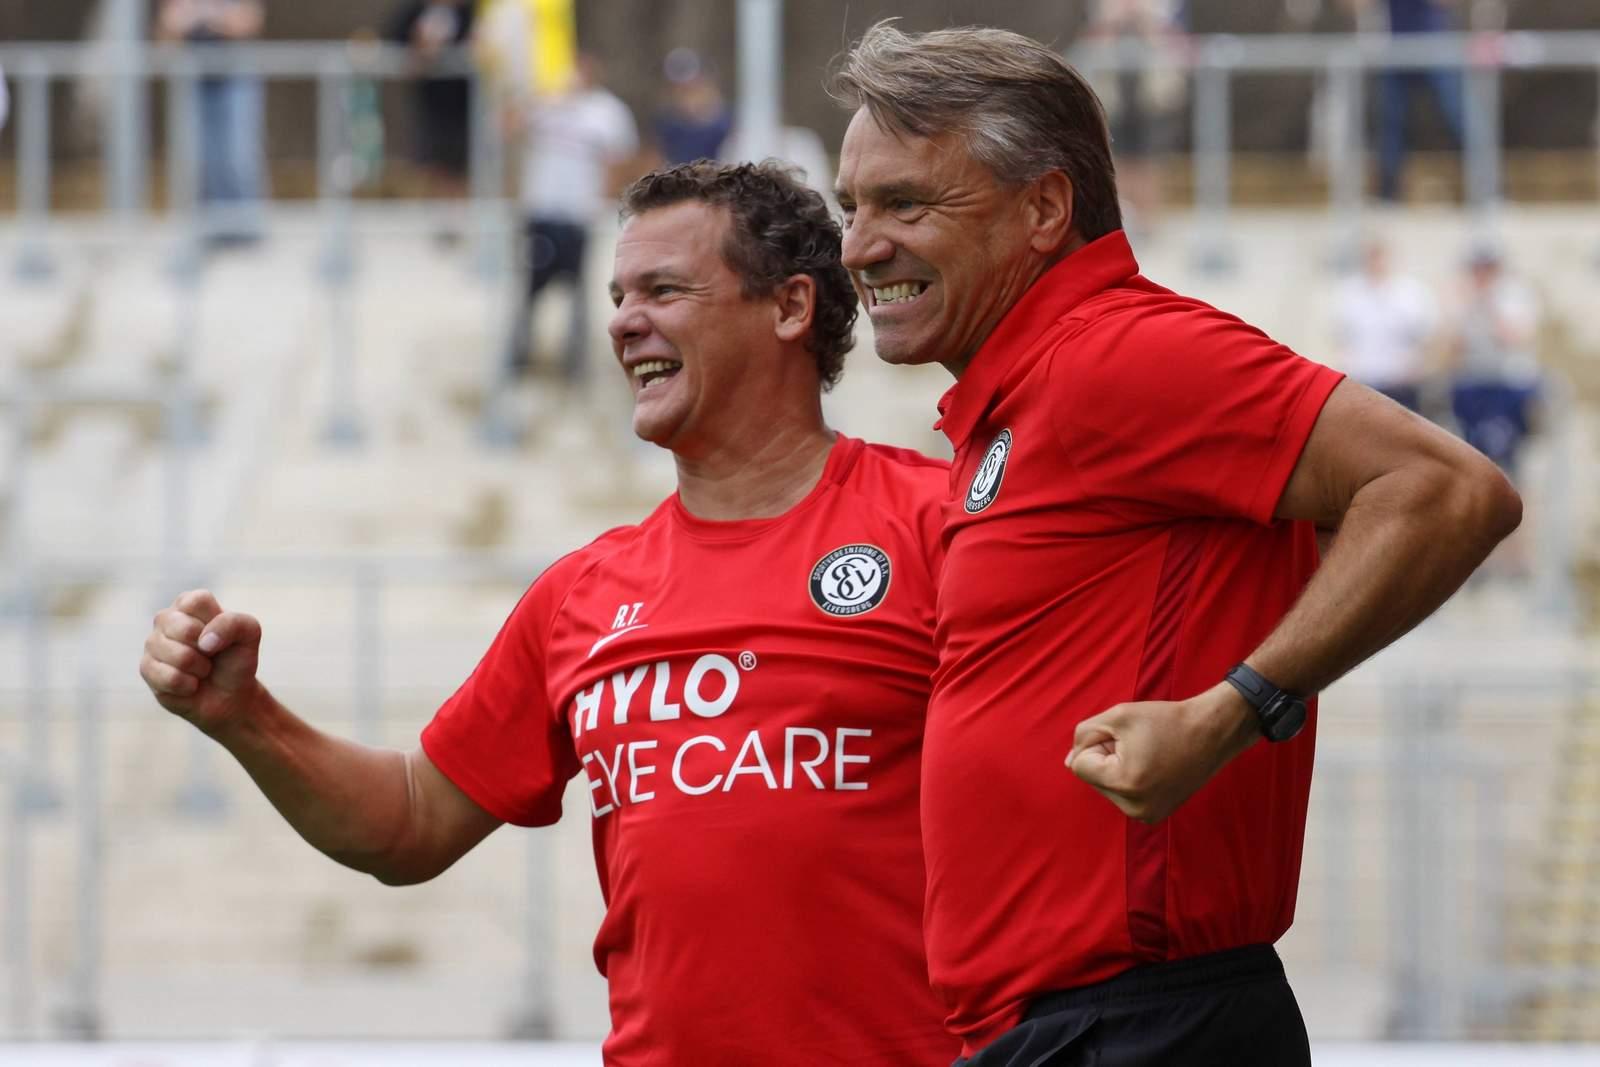 Horst Steffen und Rudi Thömmes vom SV Elversberg